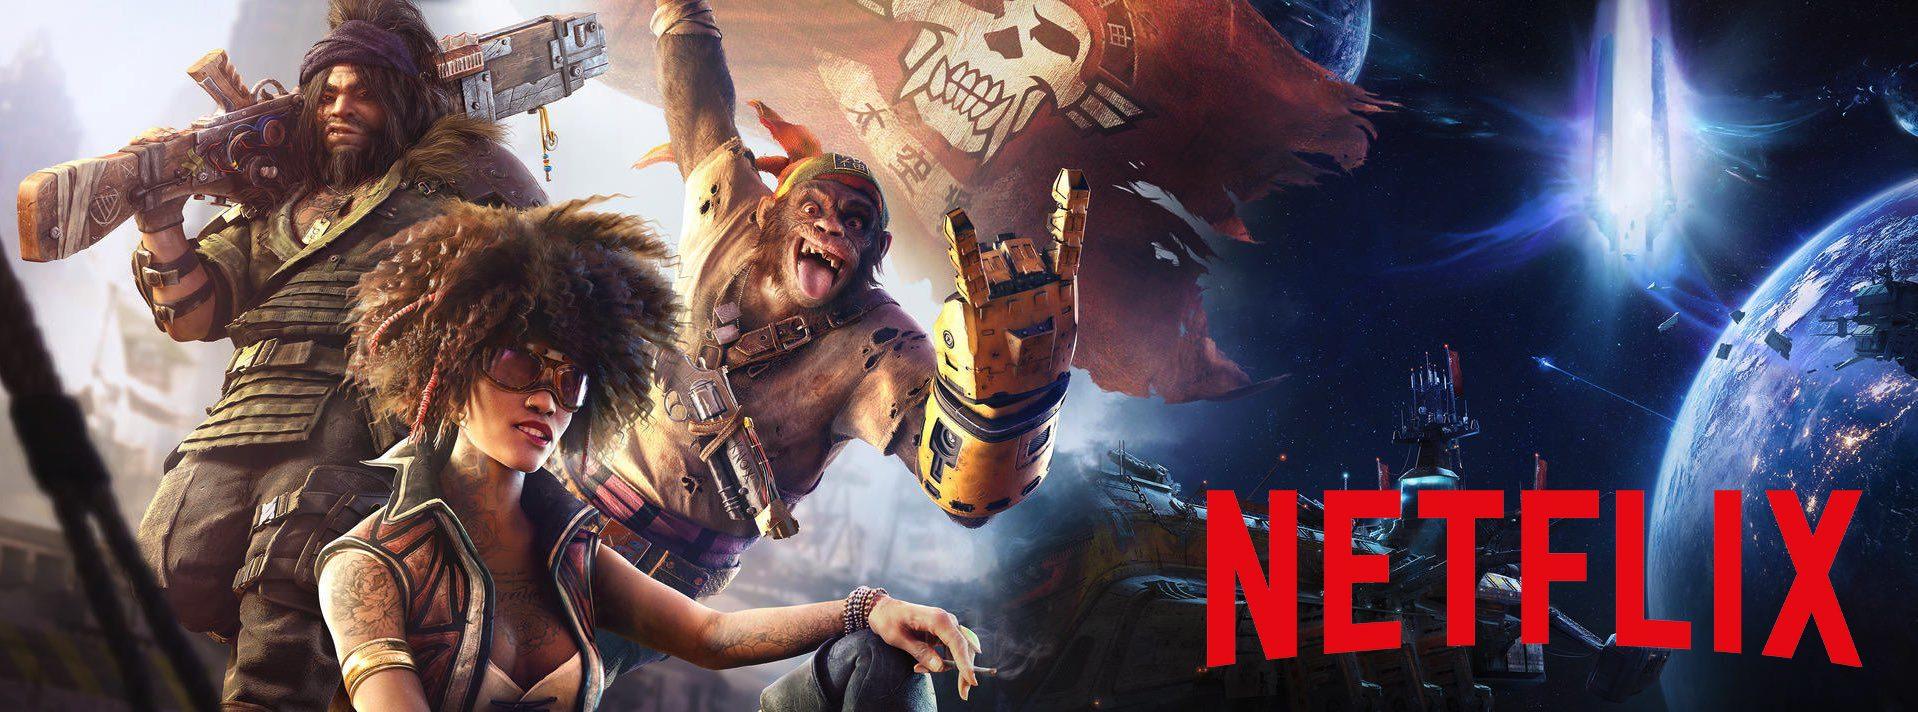 Beyond Good & Evil Netflix